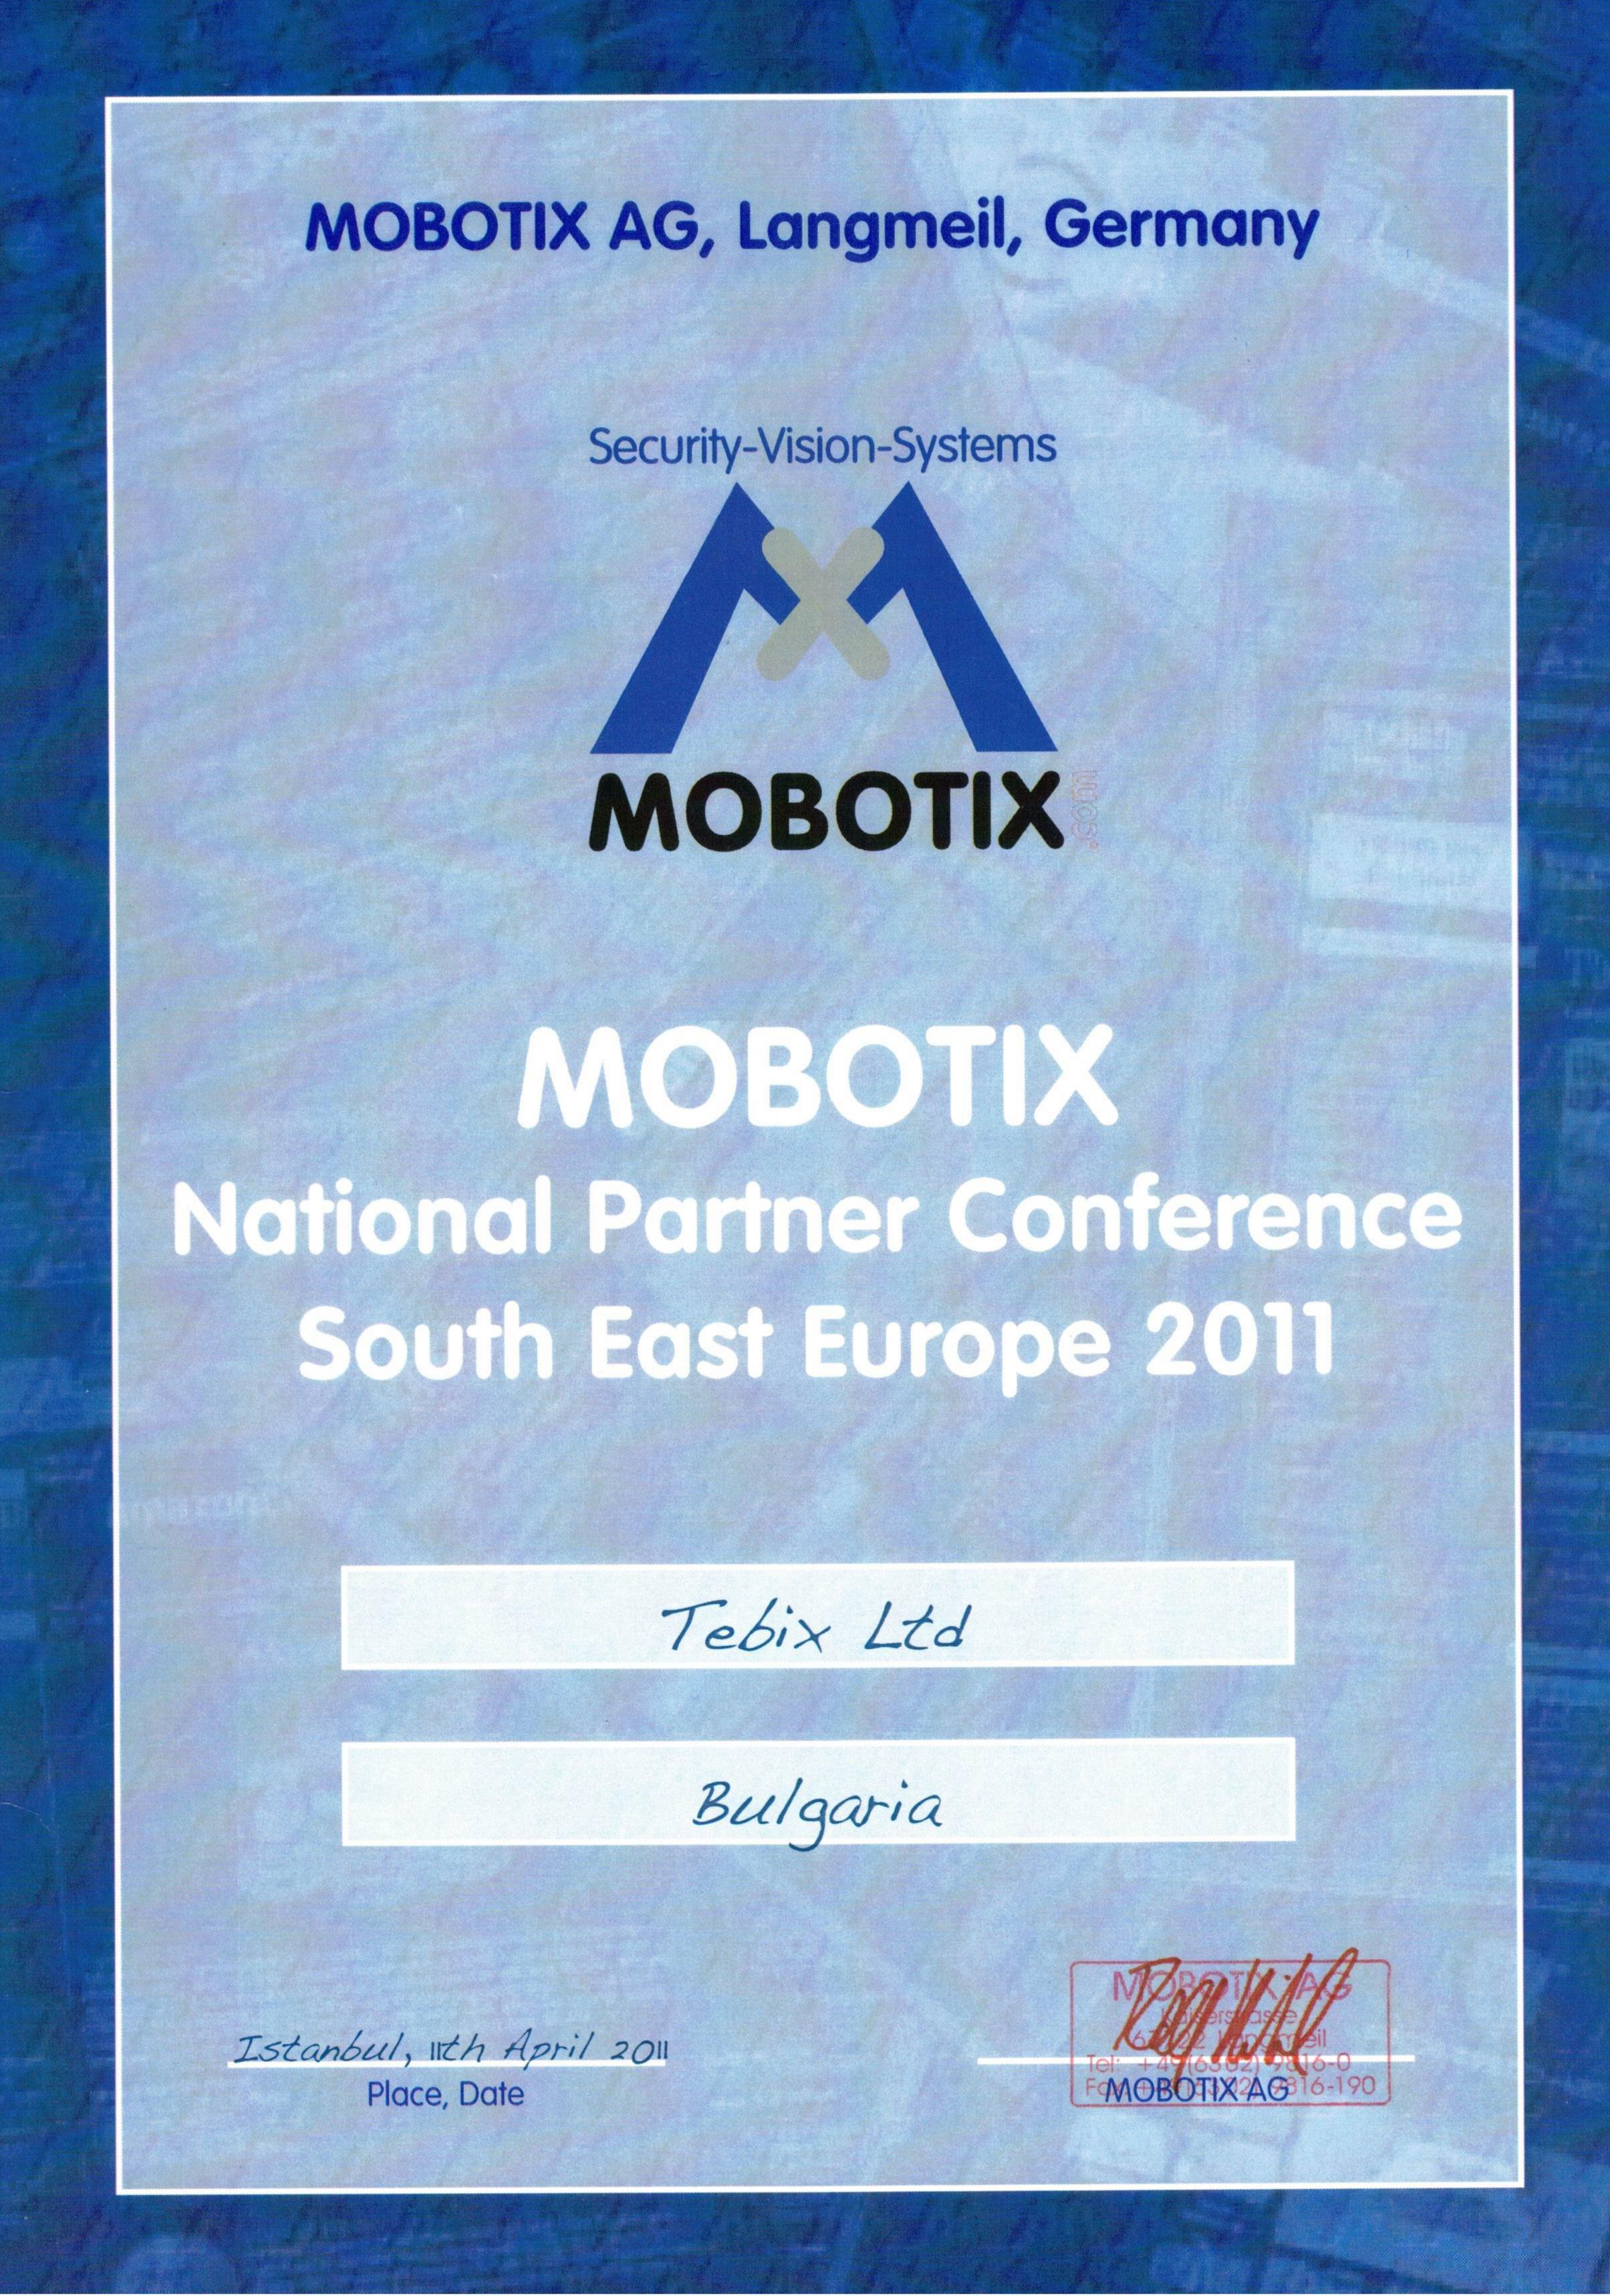 MOBOTIX national partner